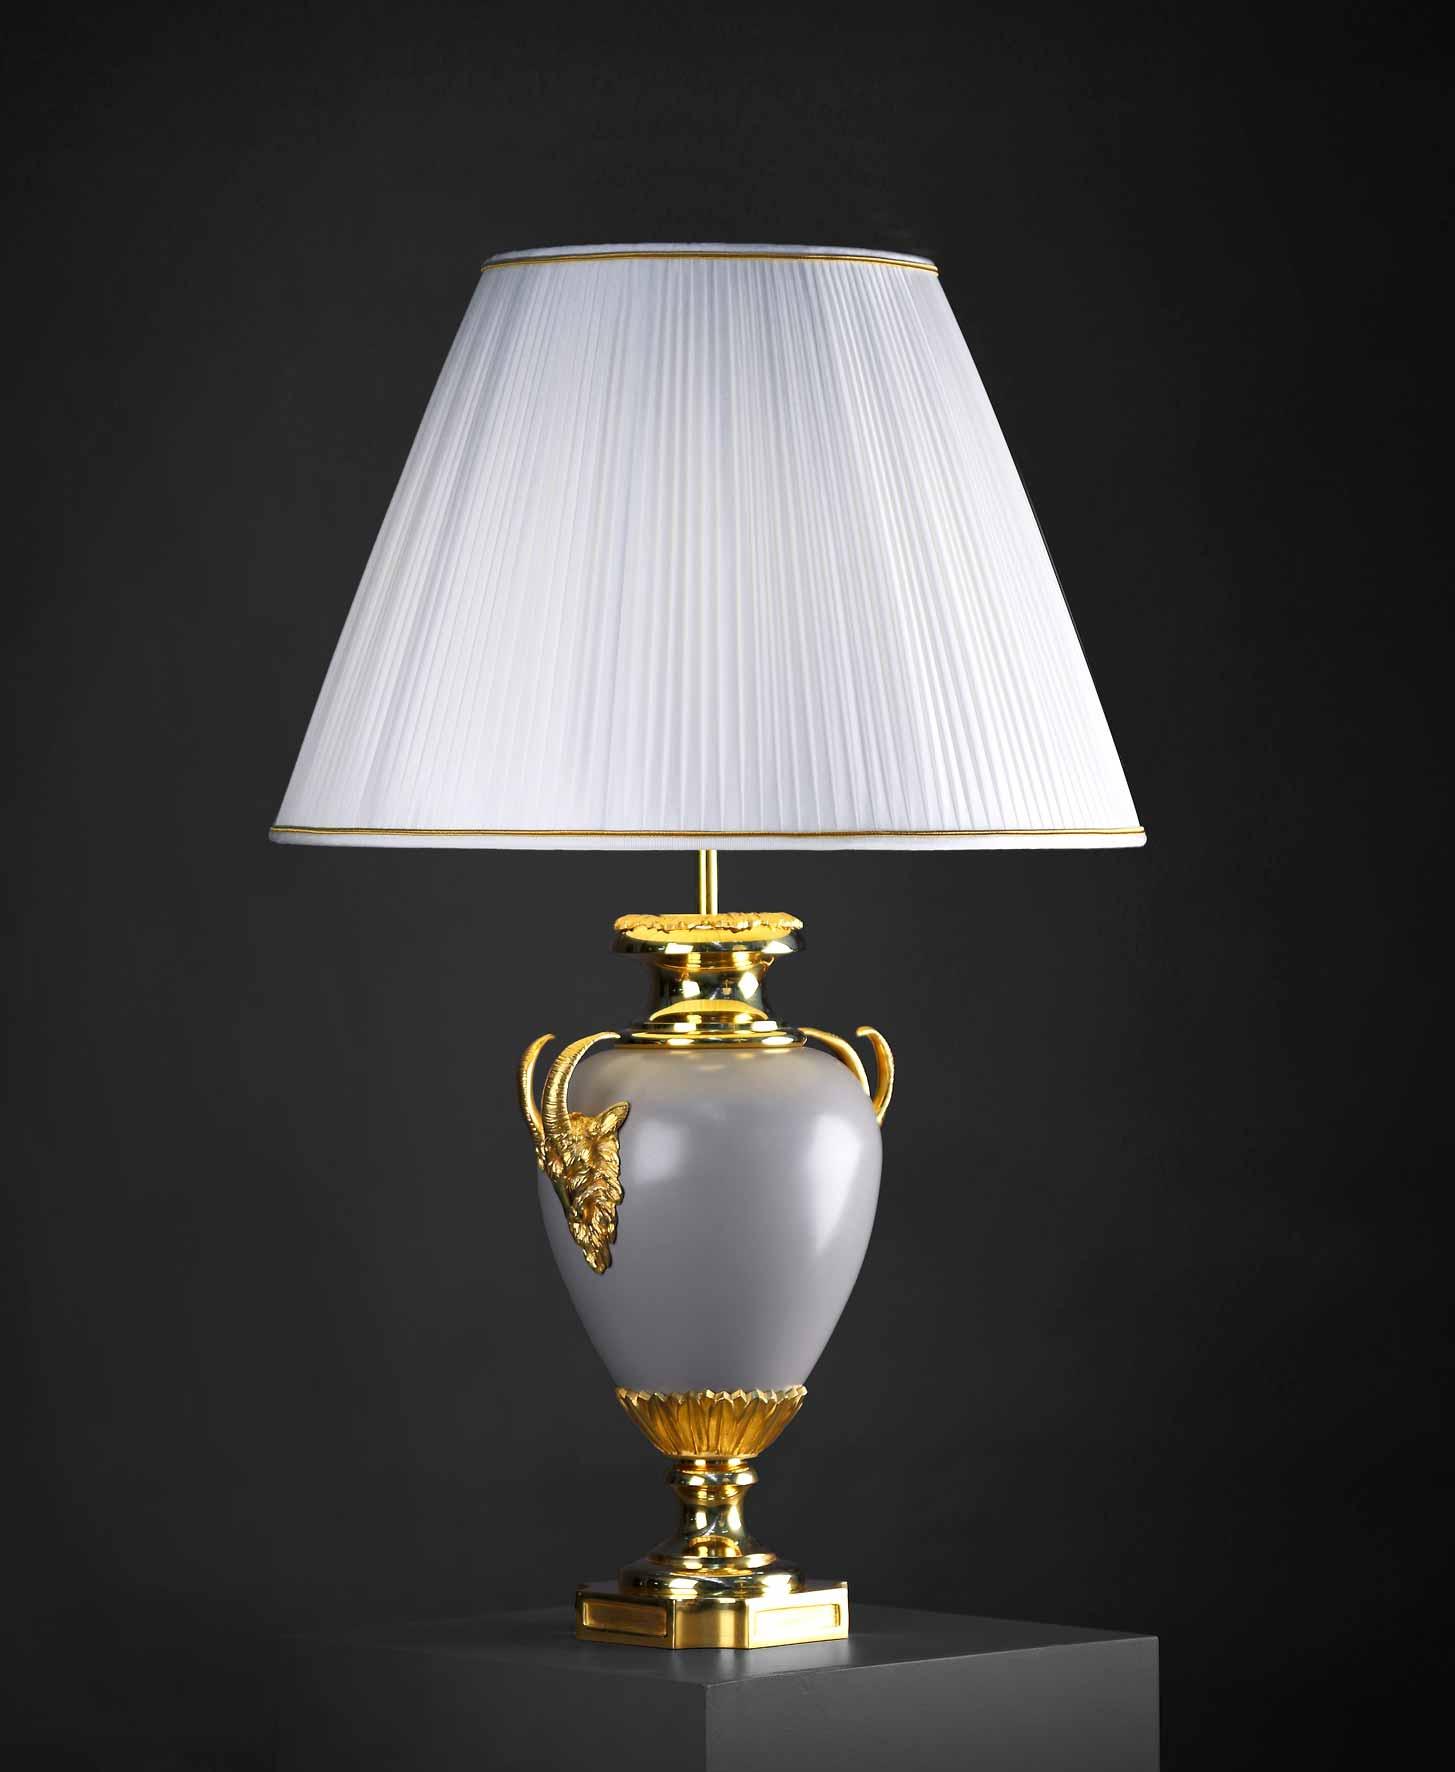 Lampes & lampadaires - 13251B